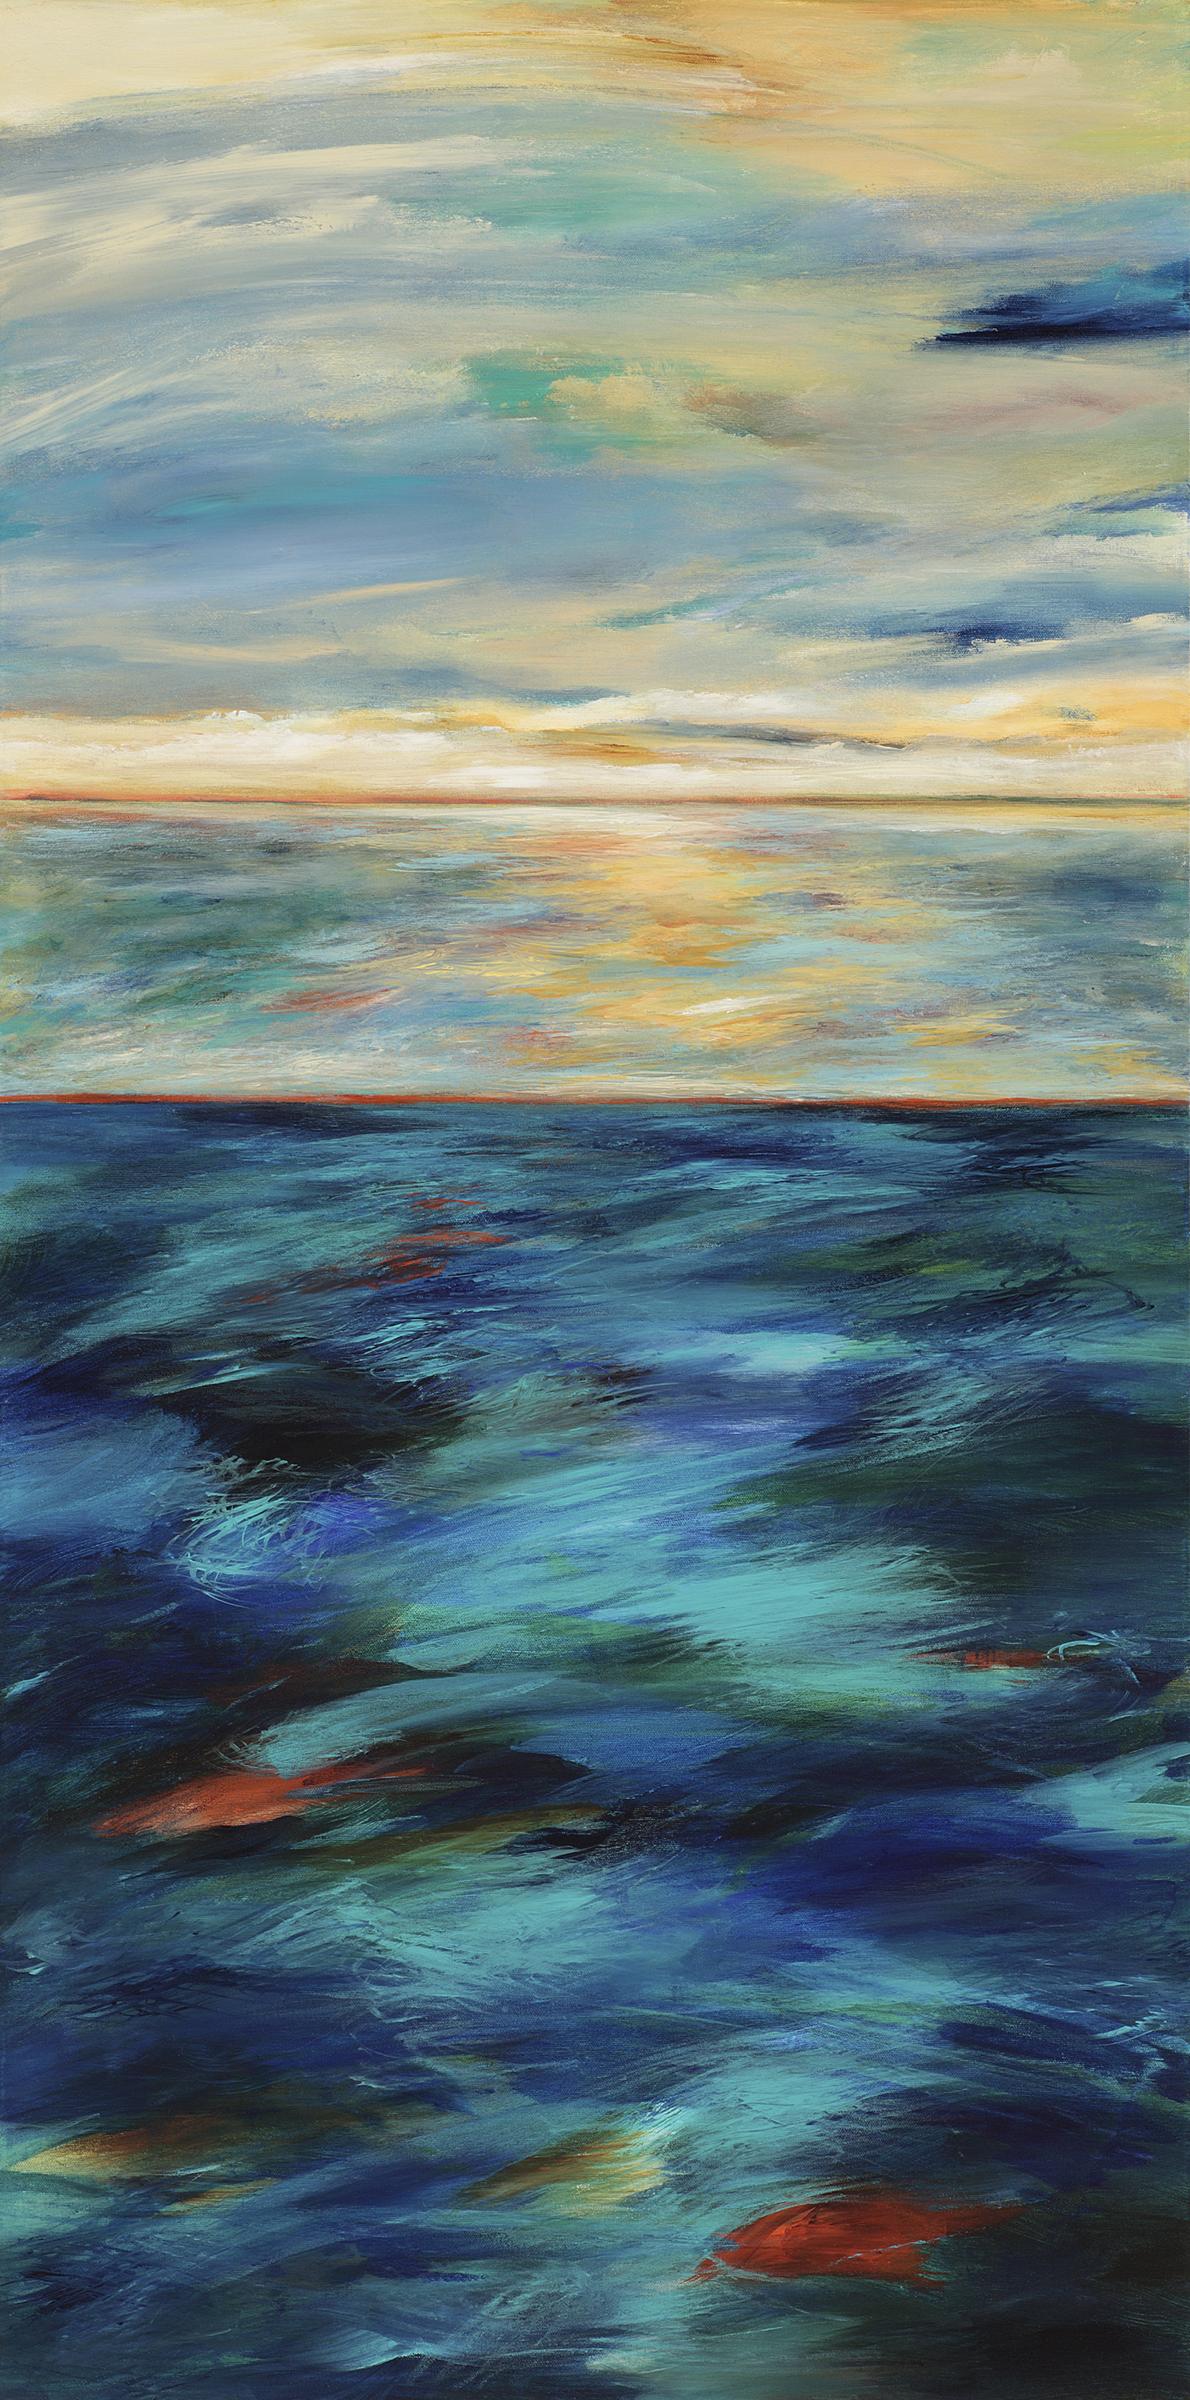 Sea Levels II